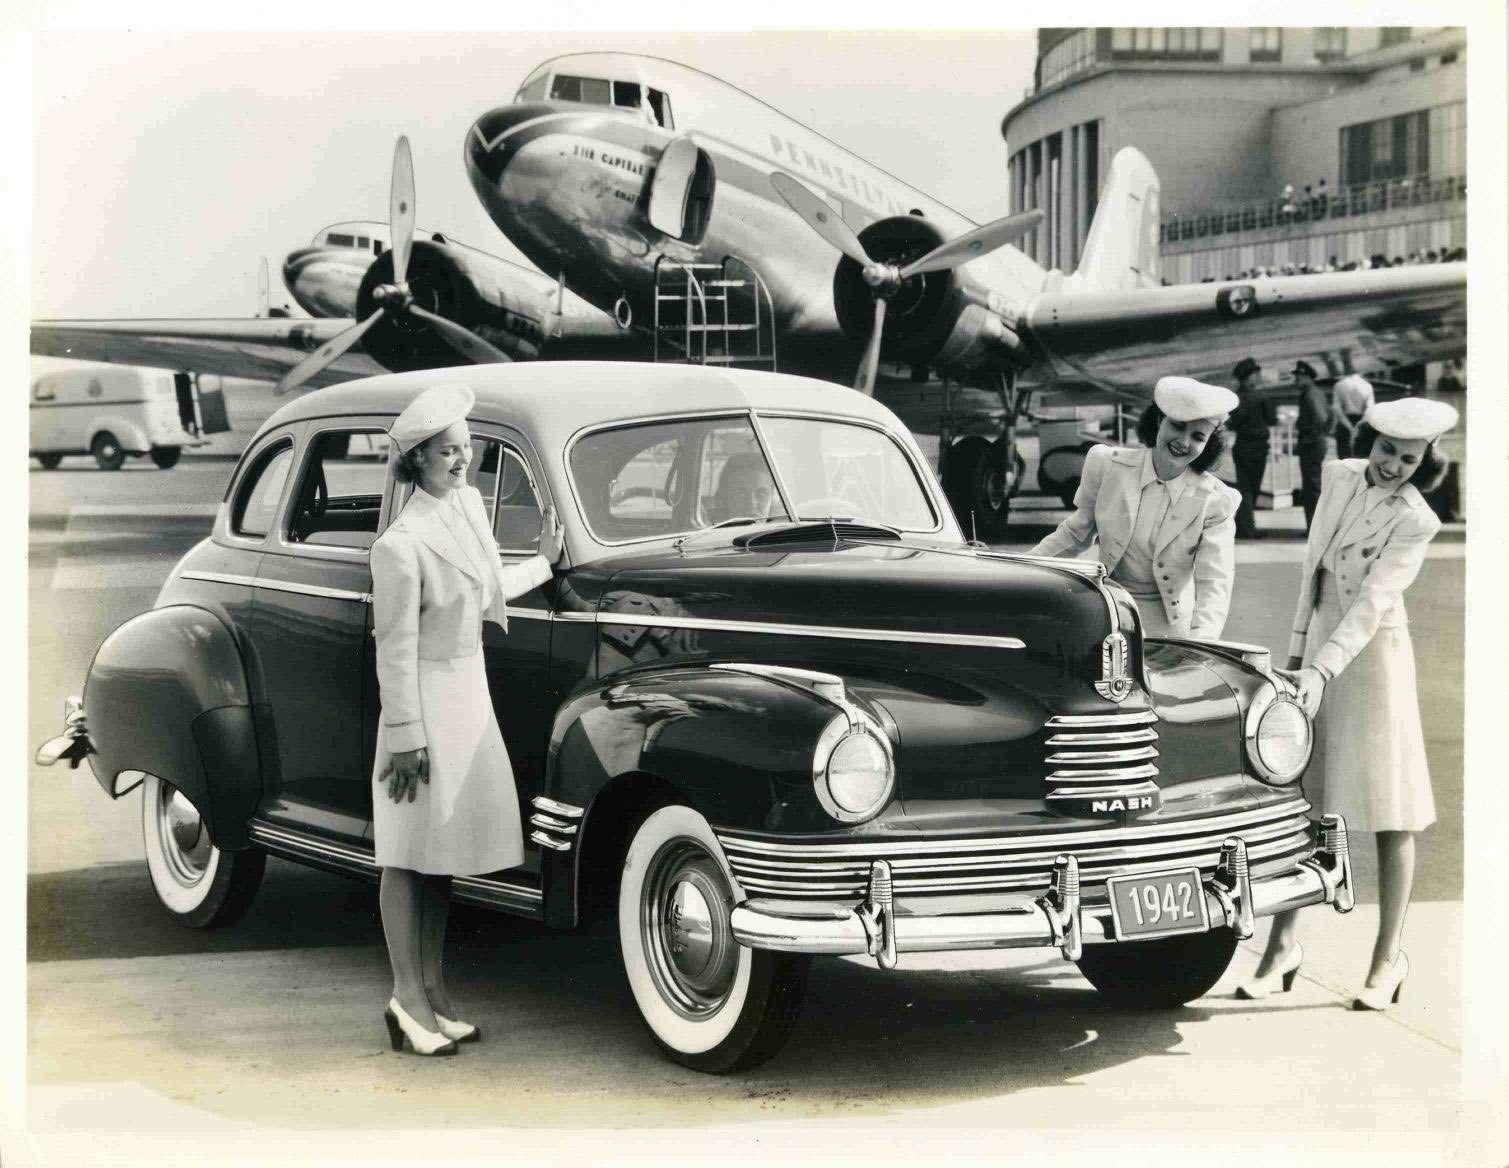 ГАЗ-М20на фоне эпохи: абыла ли«Победа»?— фото 582205